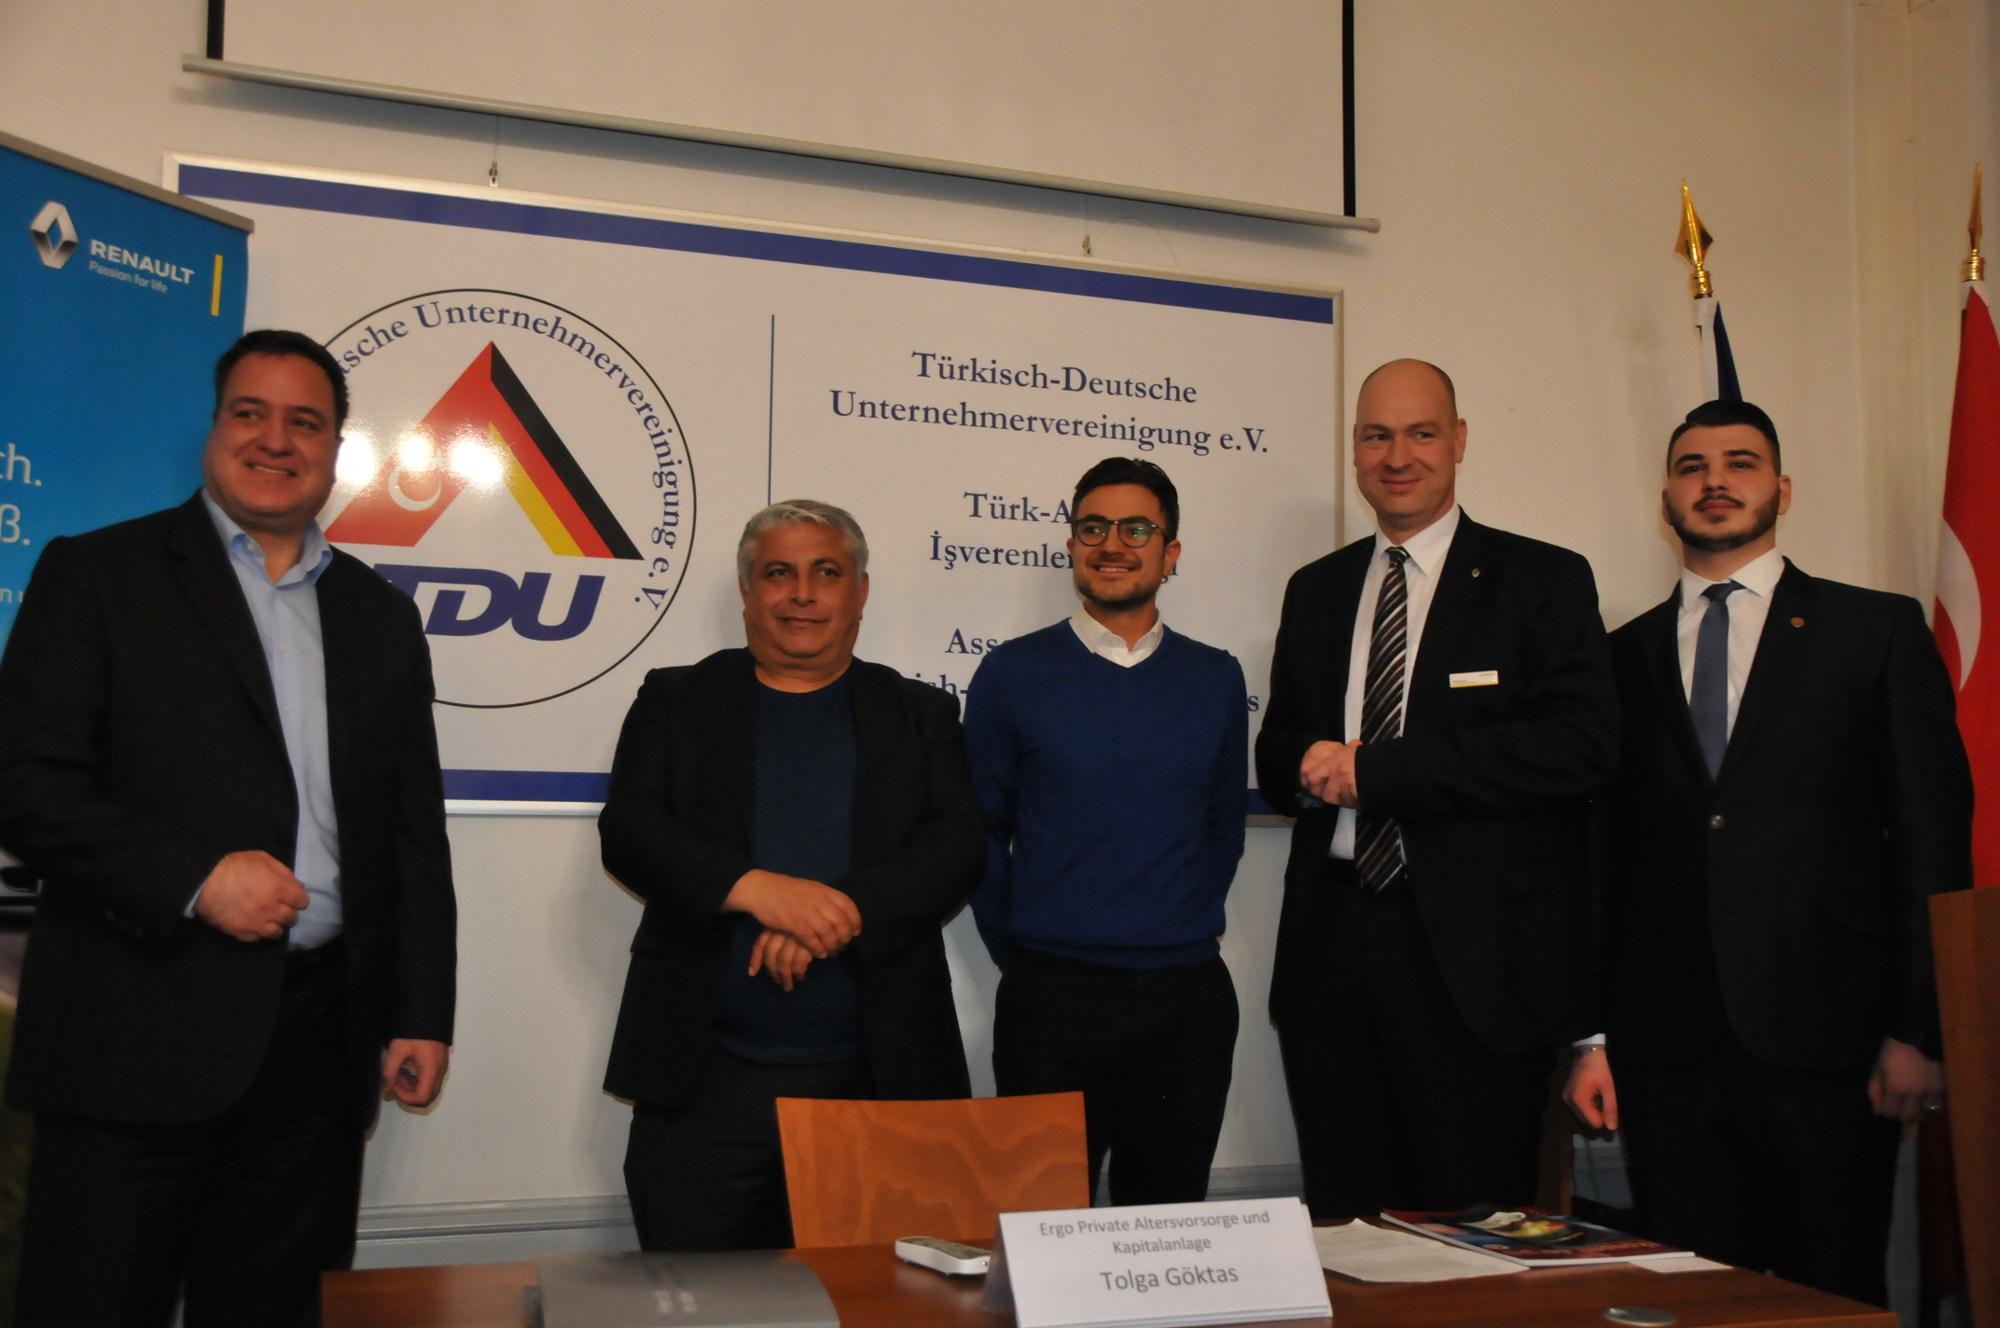 Berlin TDU firma tanıtım akşamlarını sürdürüyor